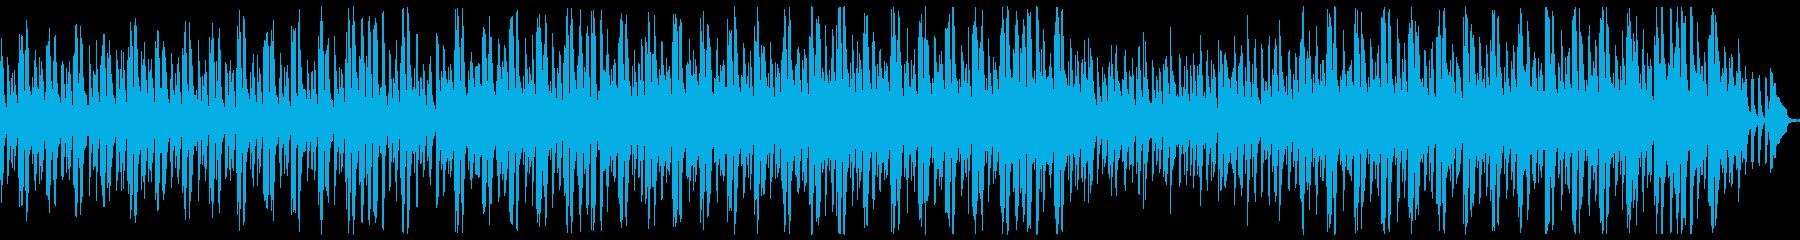 【リズム・ベース抜き】口笛の軽快なアコ…の再生済みの波形